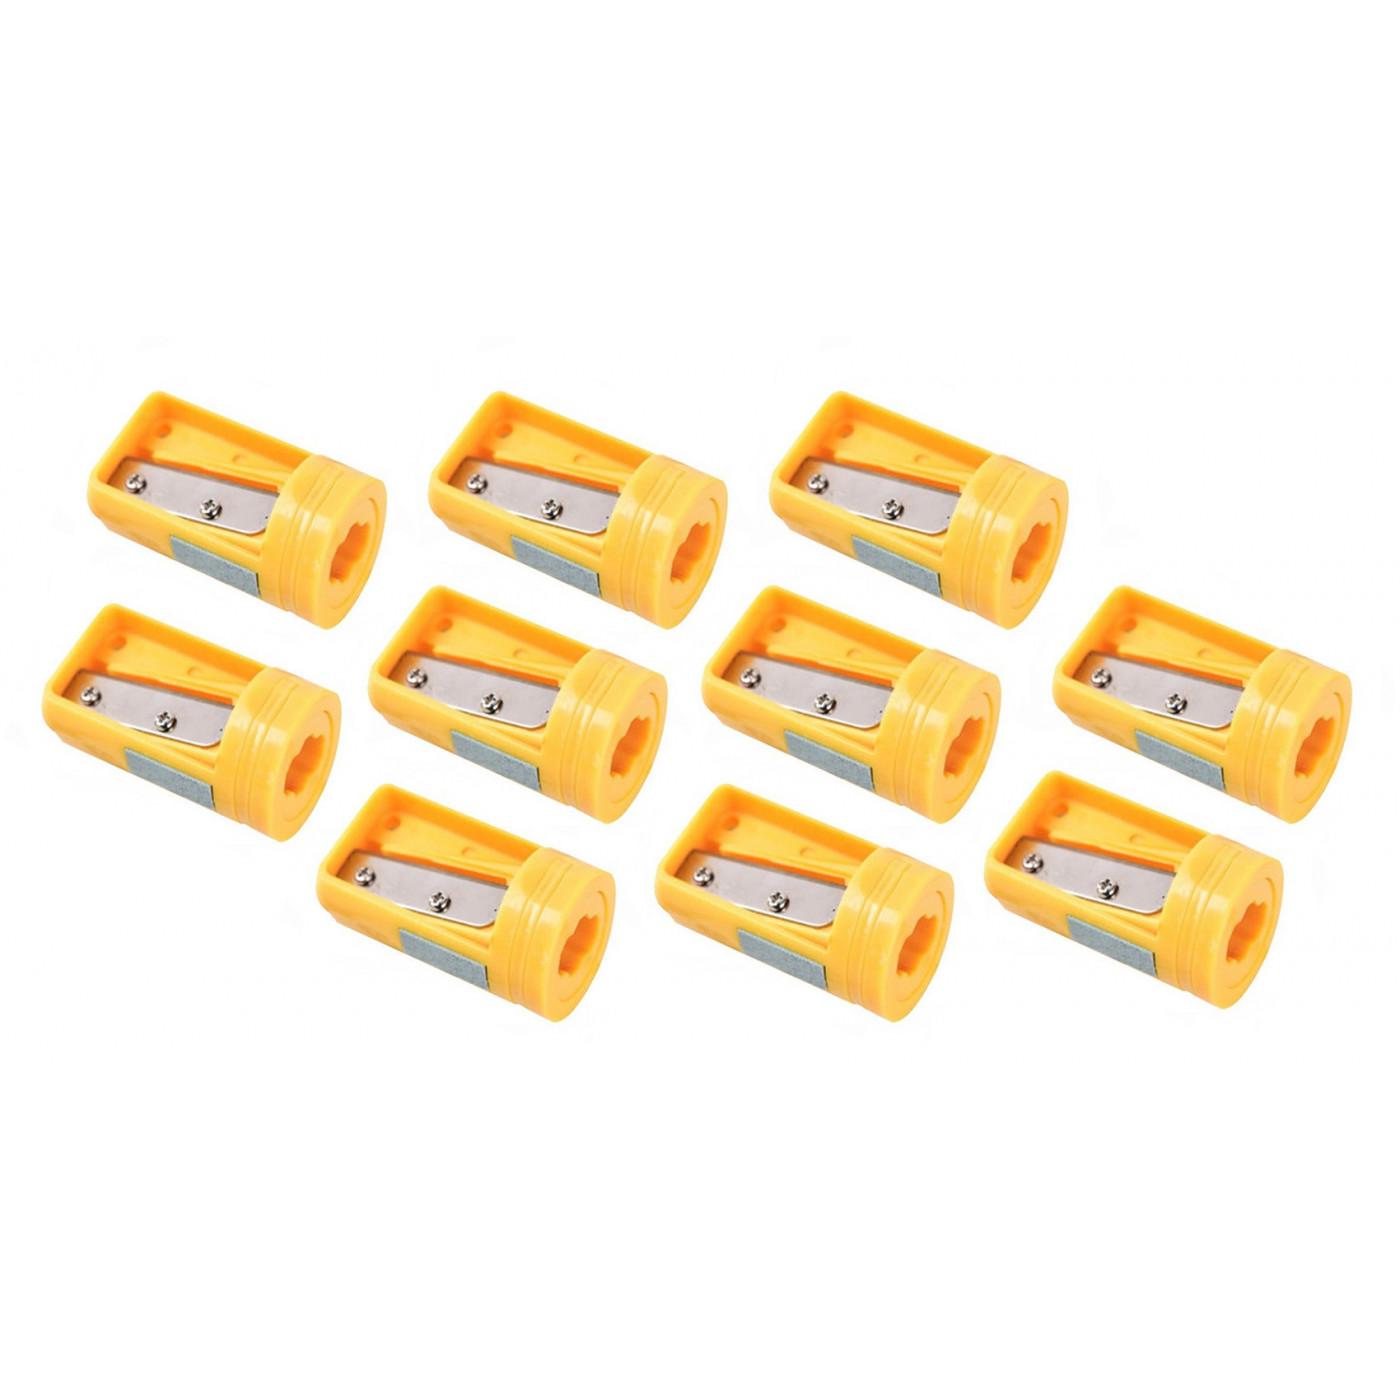 Zestaw 10 temperówek do ołówków, żółty